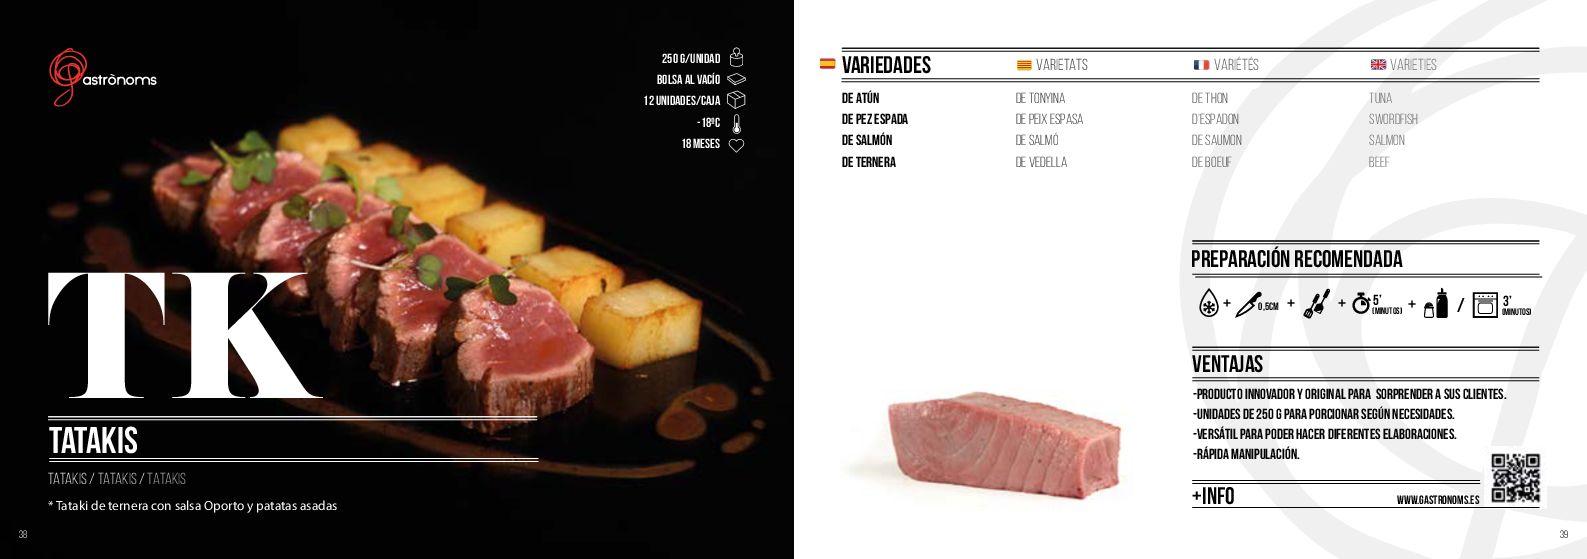 gastronoms - Pàg. 020